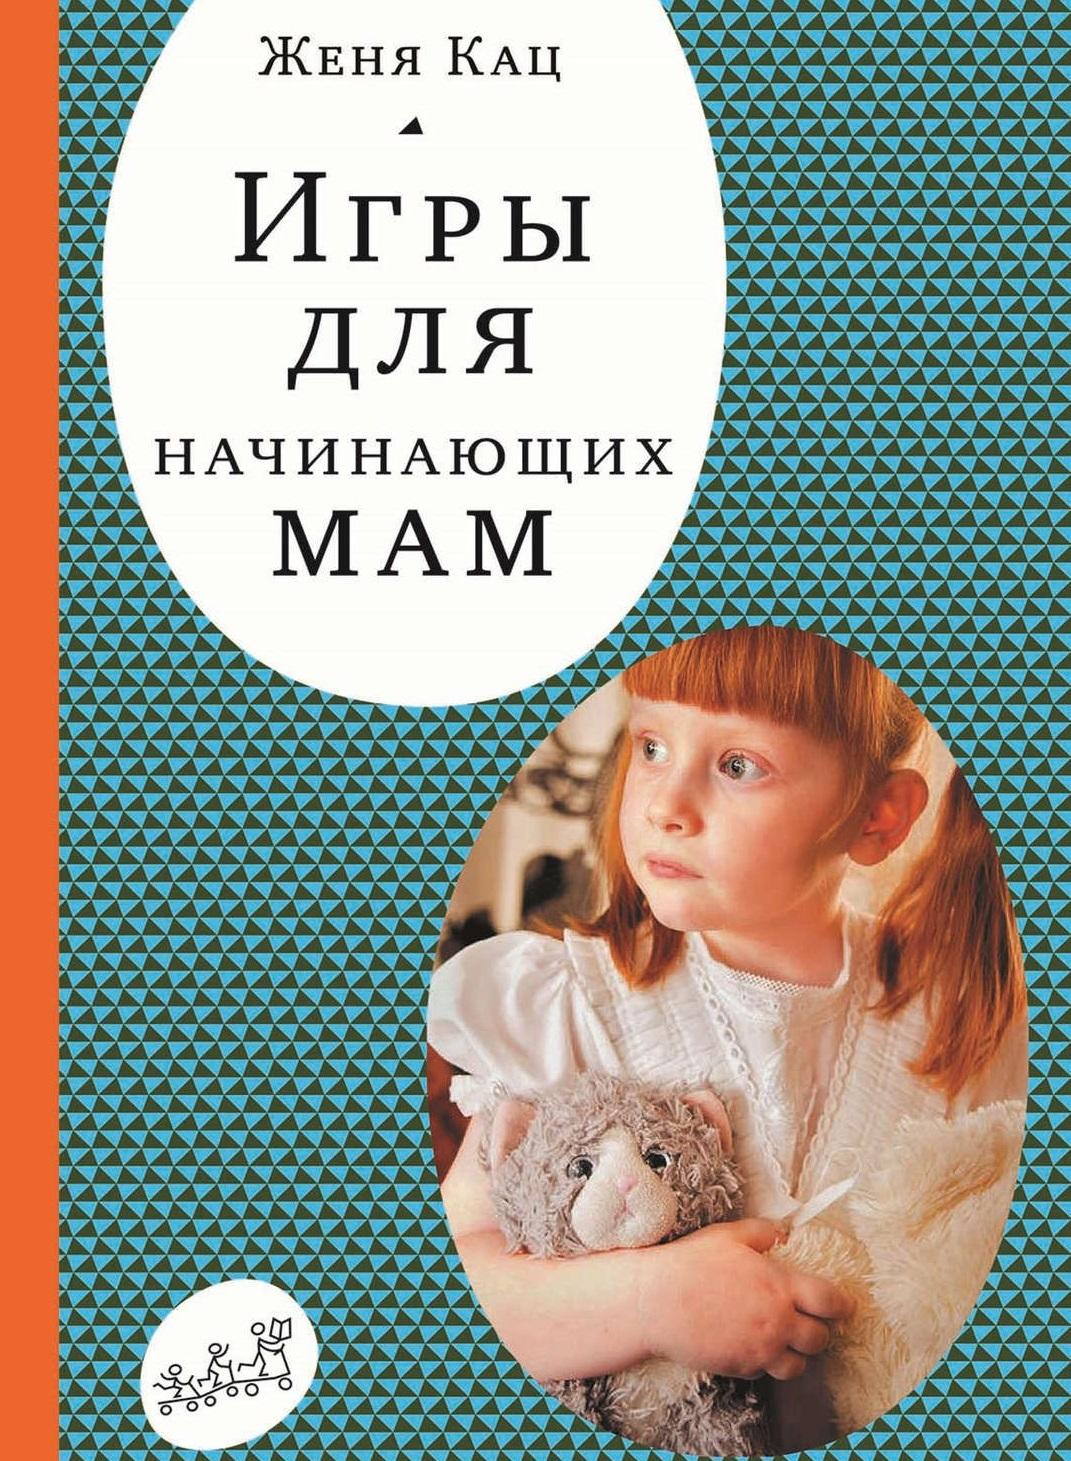 «Игры для начинающих мам» Женя Кац